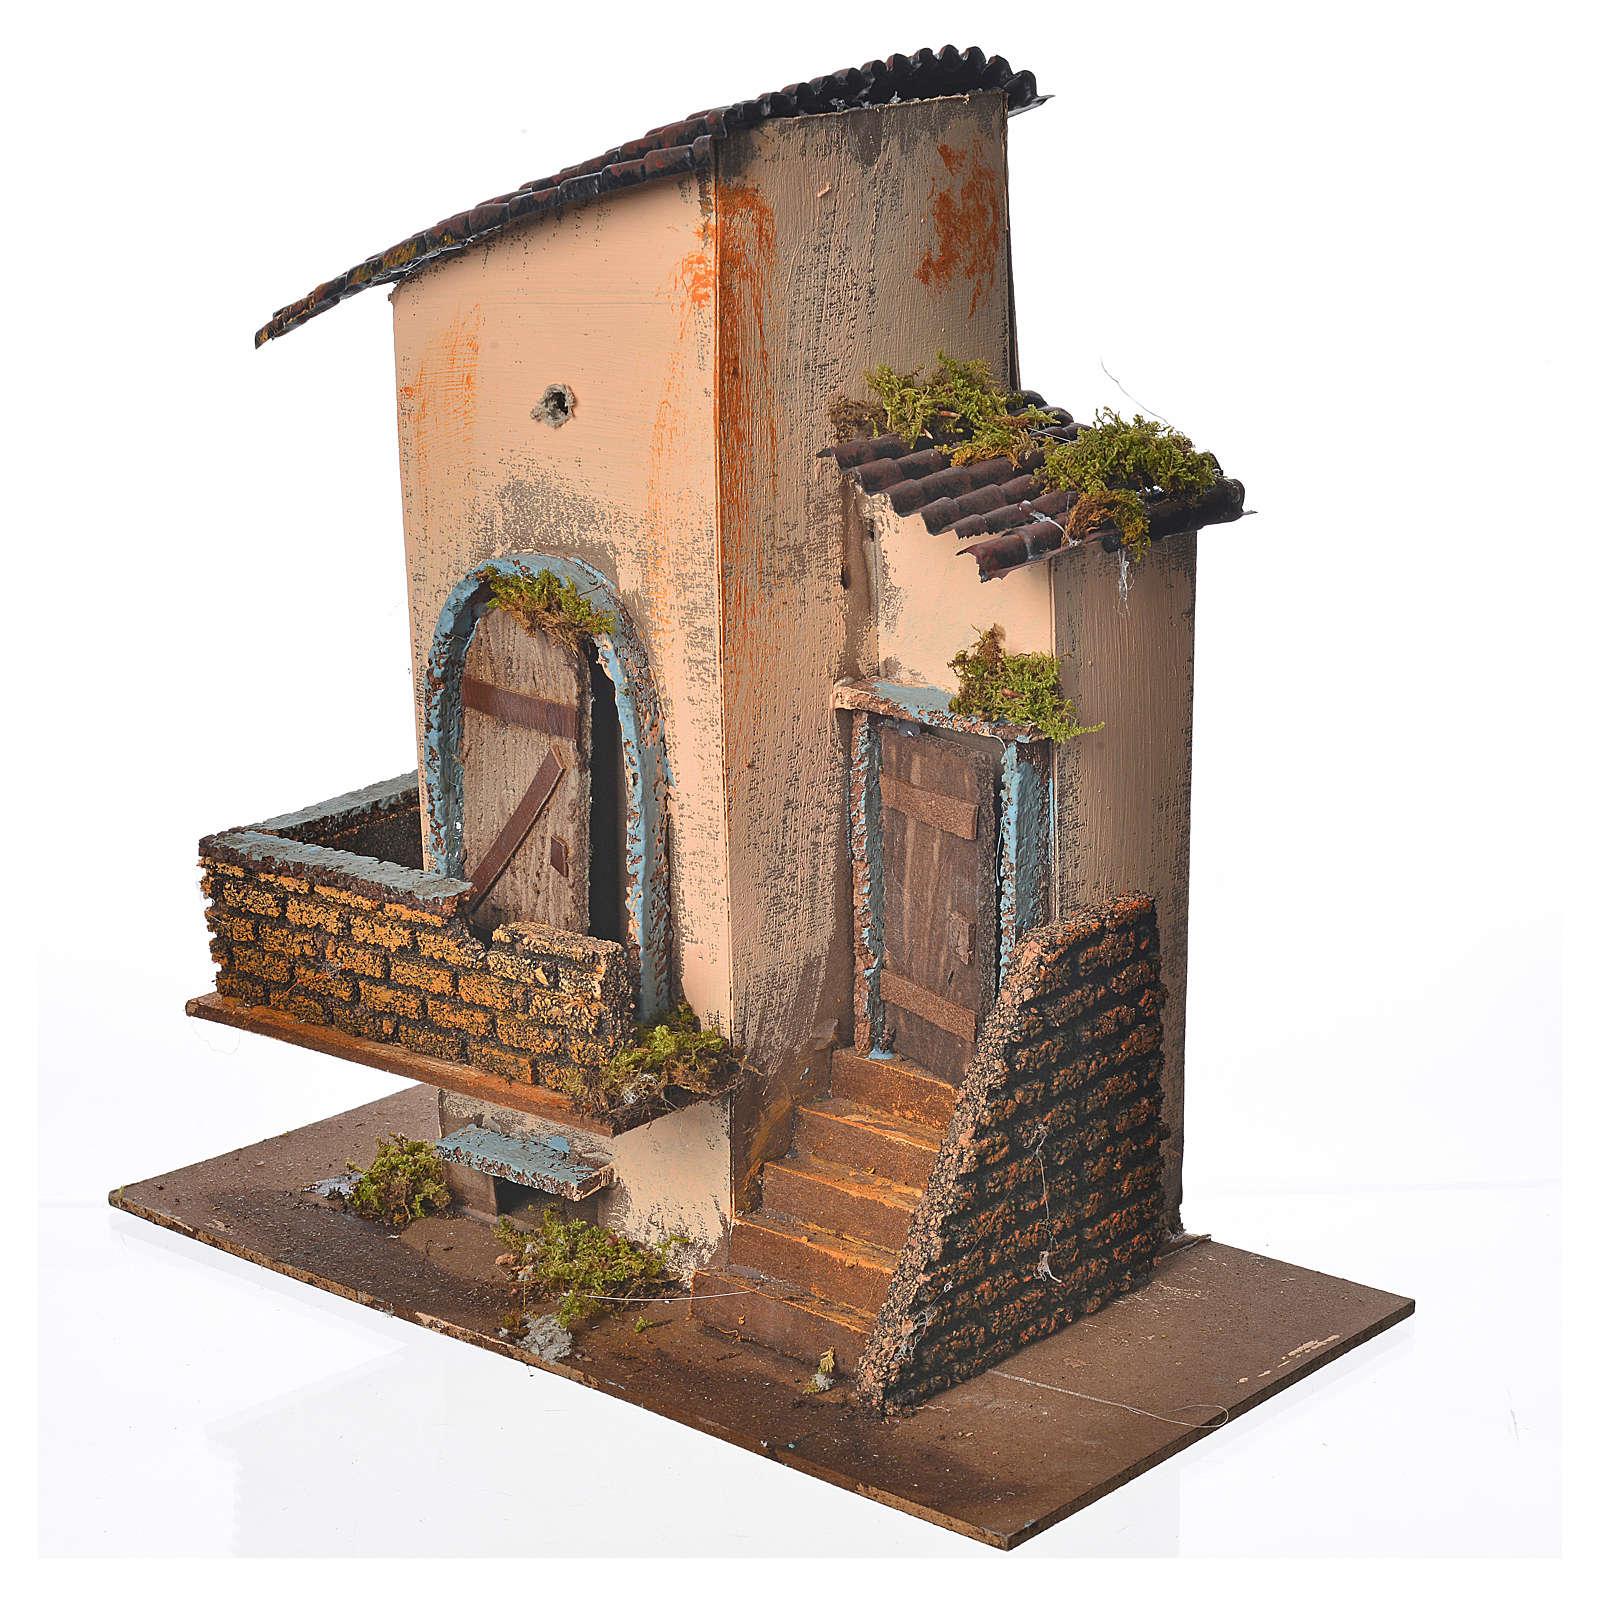 Casolare balcone e scalinata 28x15x27 cm 4